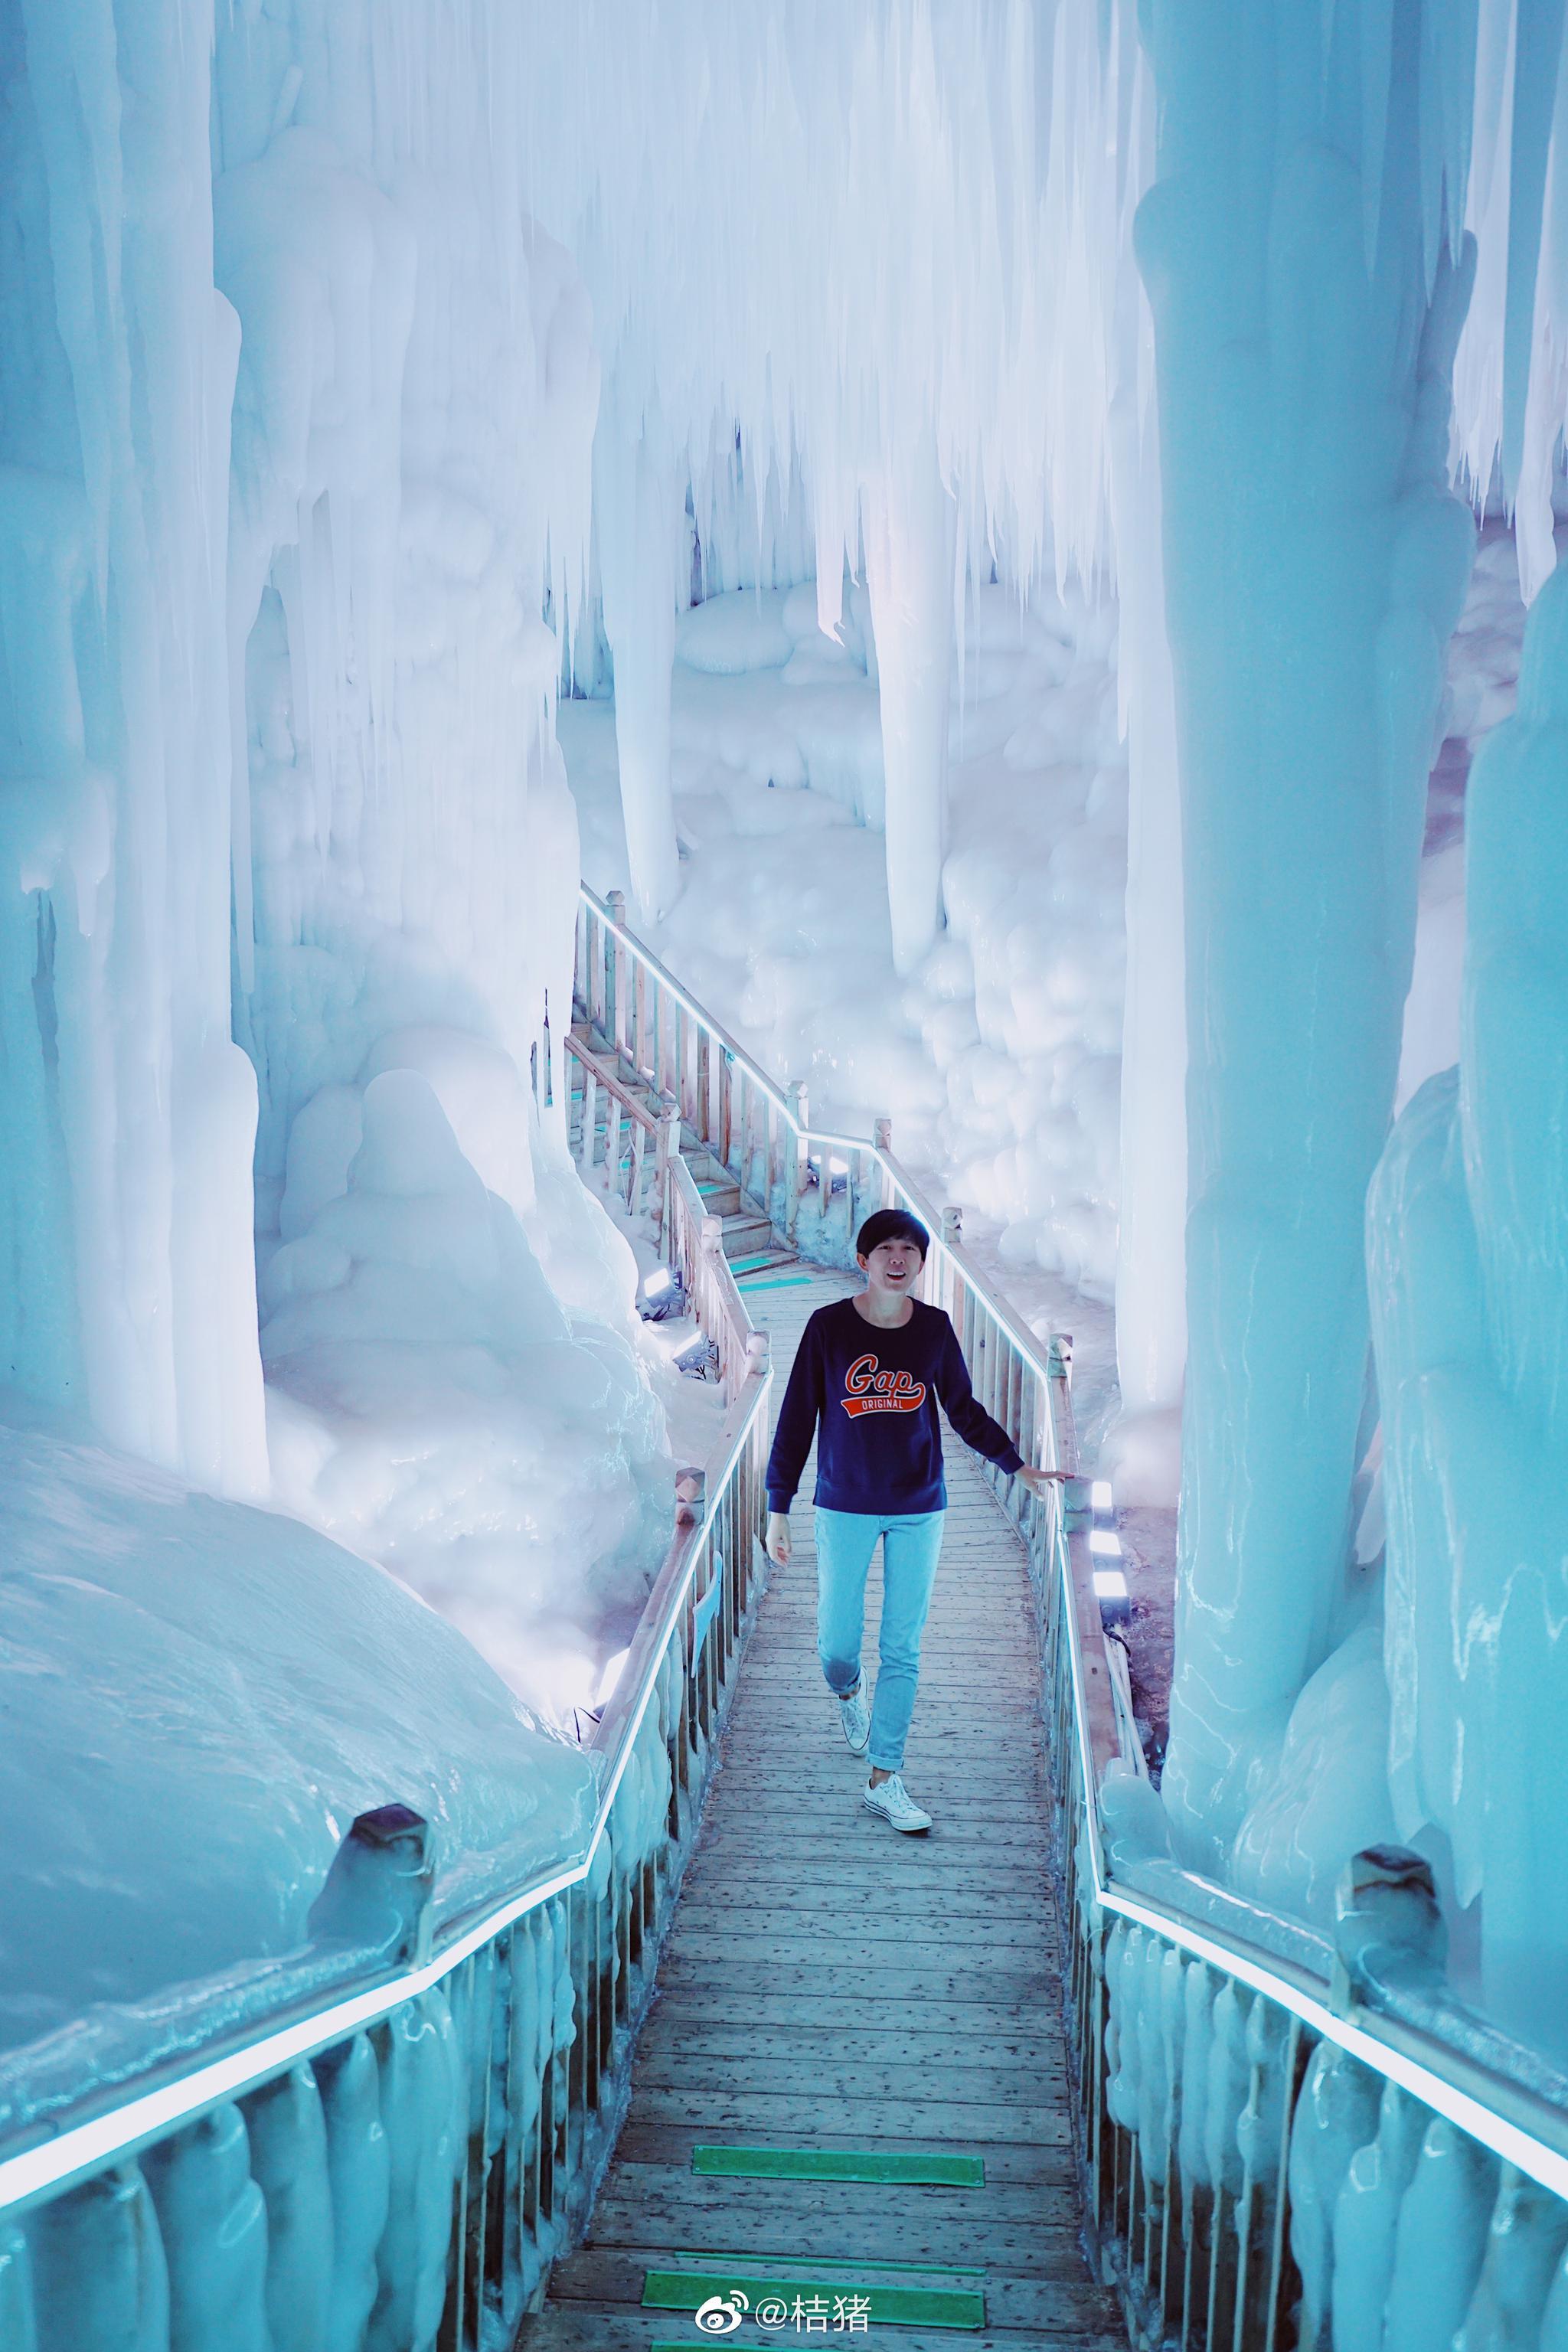 山西云丘山的冰洞,具有置身其中才能感受的震撼。除了视觉